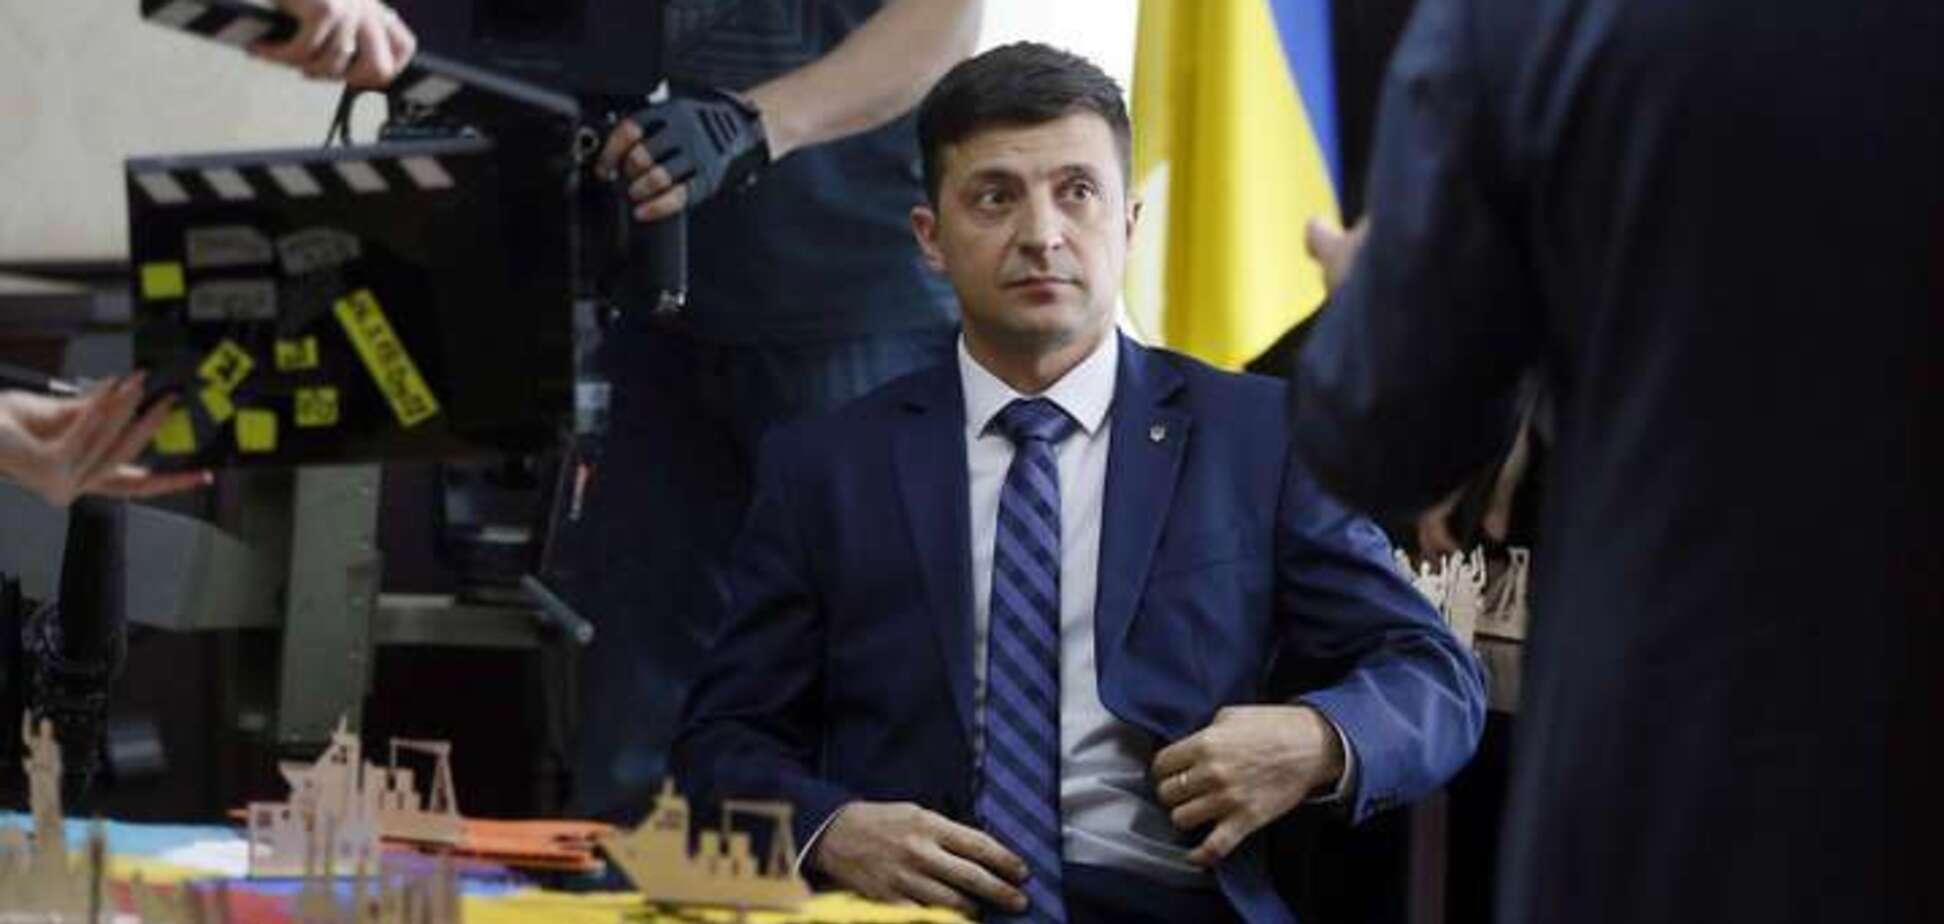 Український 'телепрезидент' є небезпечно проросійським